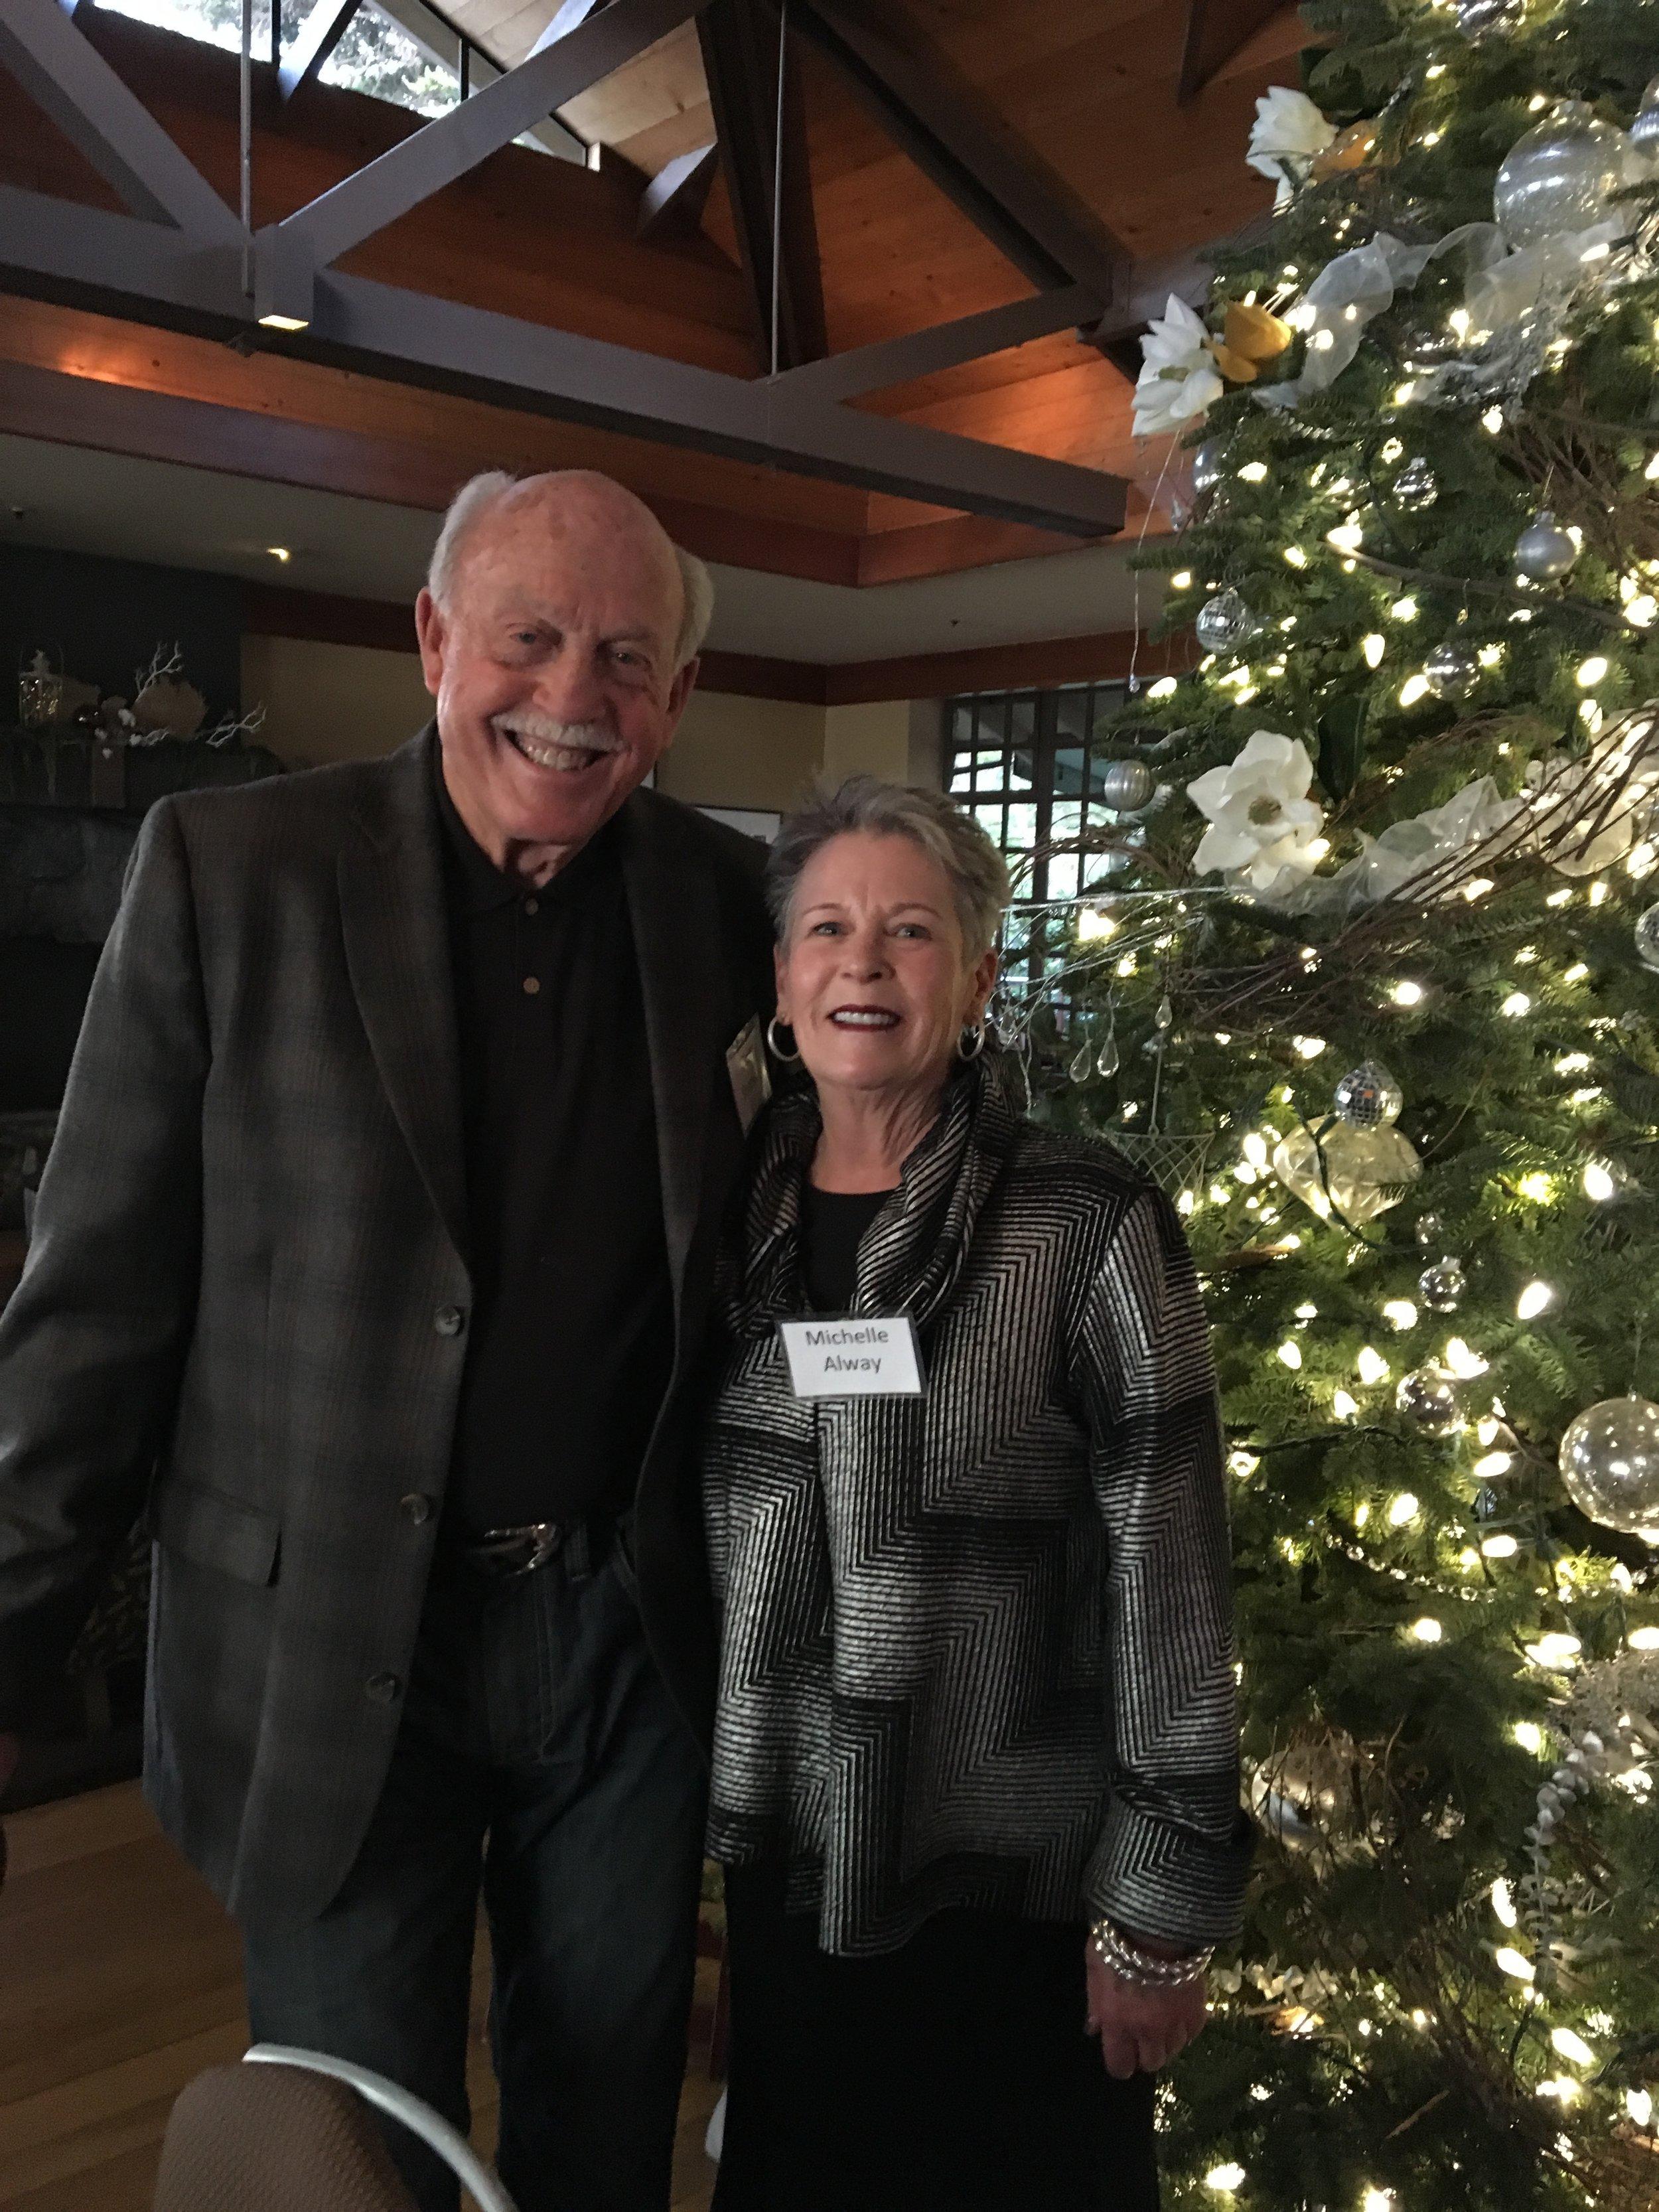 Doug Shankie & Michelle Alway